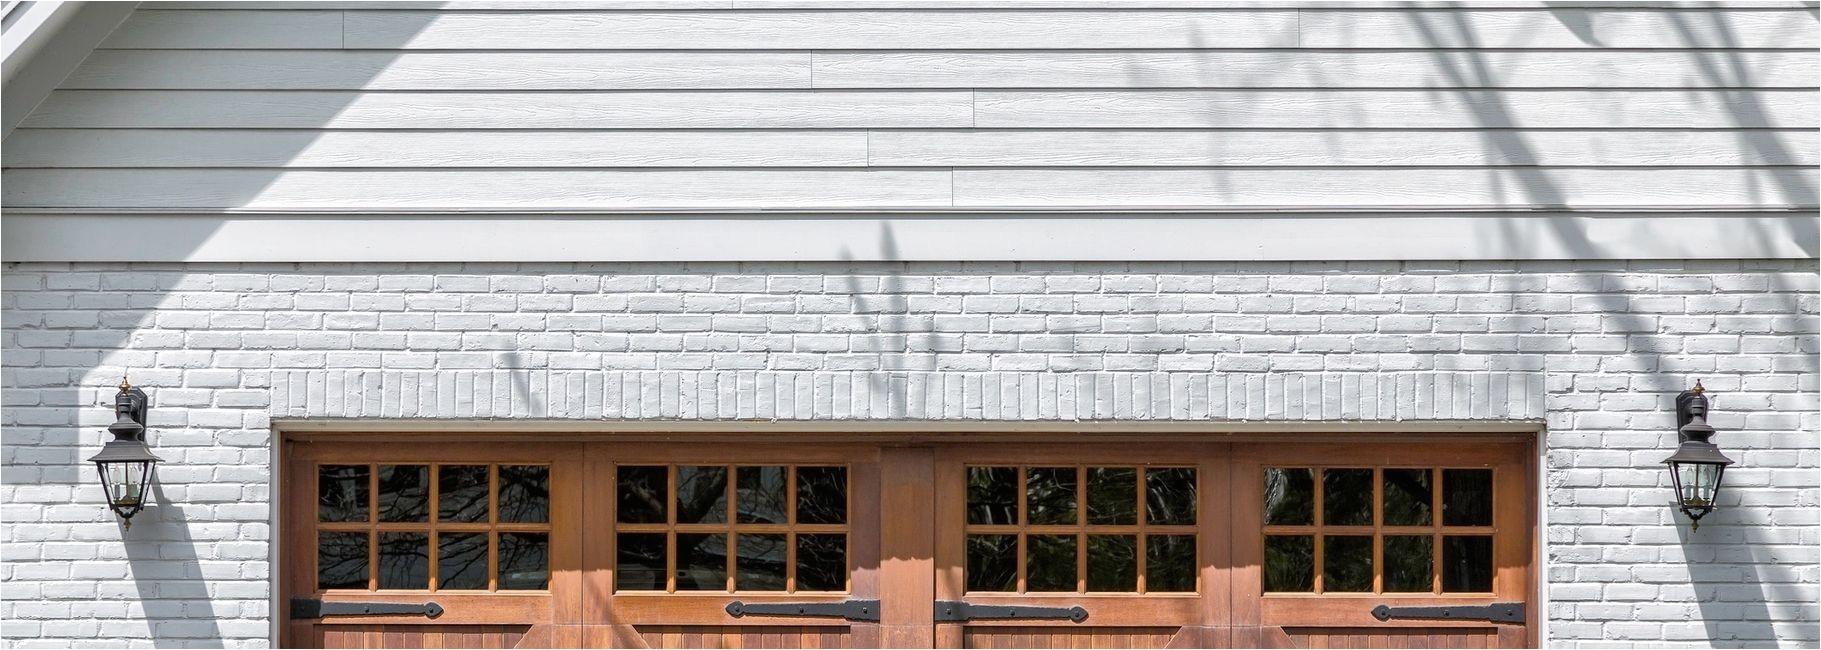 garage door repair and replacement services in toms river nj spring repair toms river